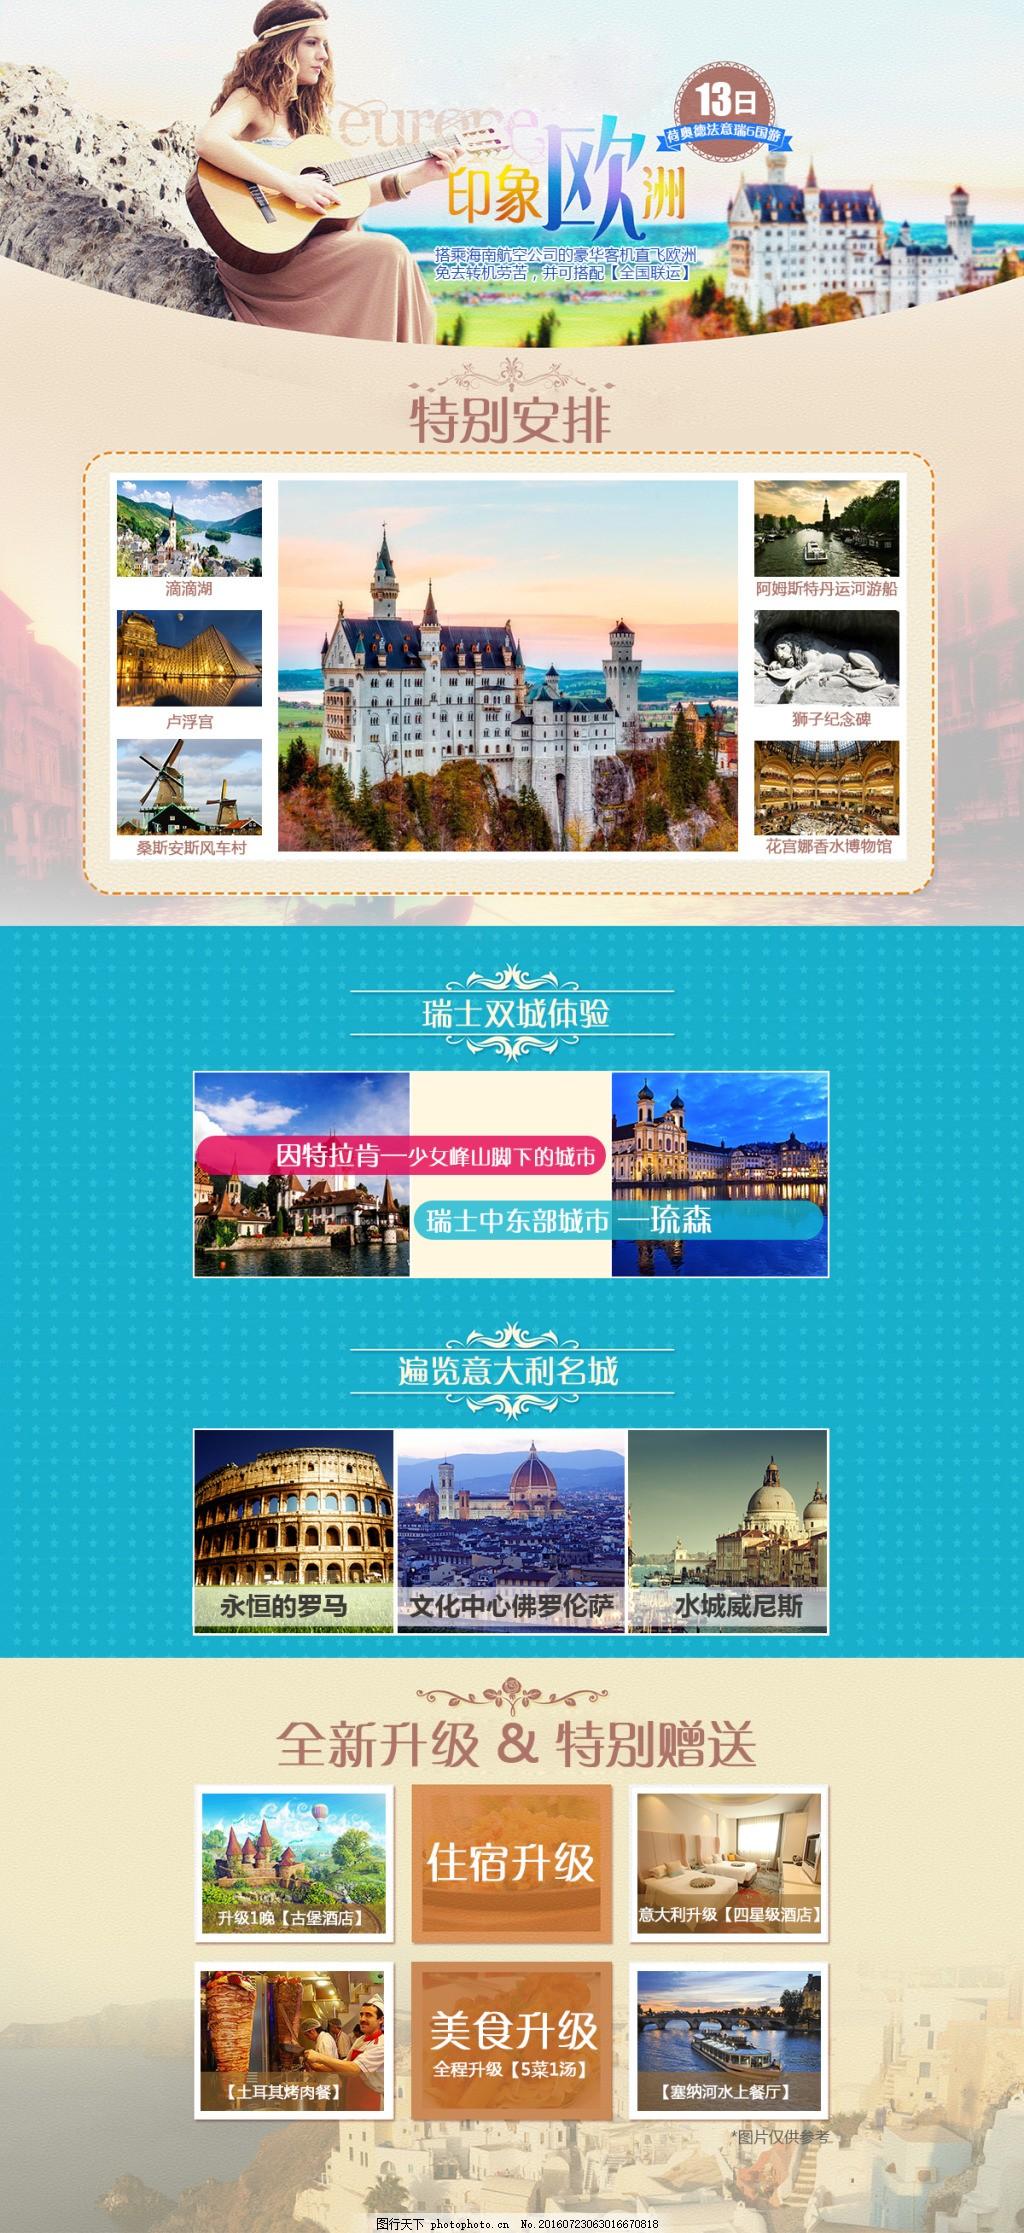 欧洲印象旅游海报 东欧 西欧 荷兰 意大利 瑞士 捷克 奥地利图片